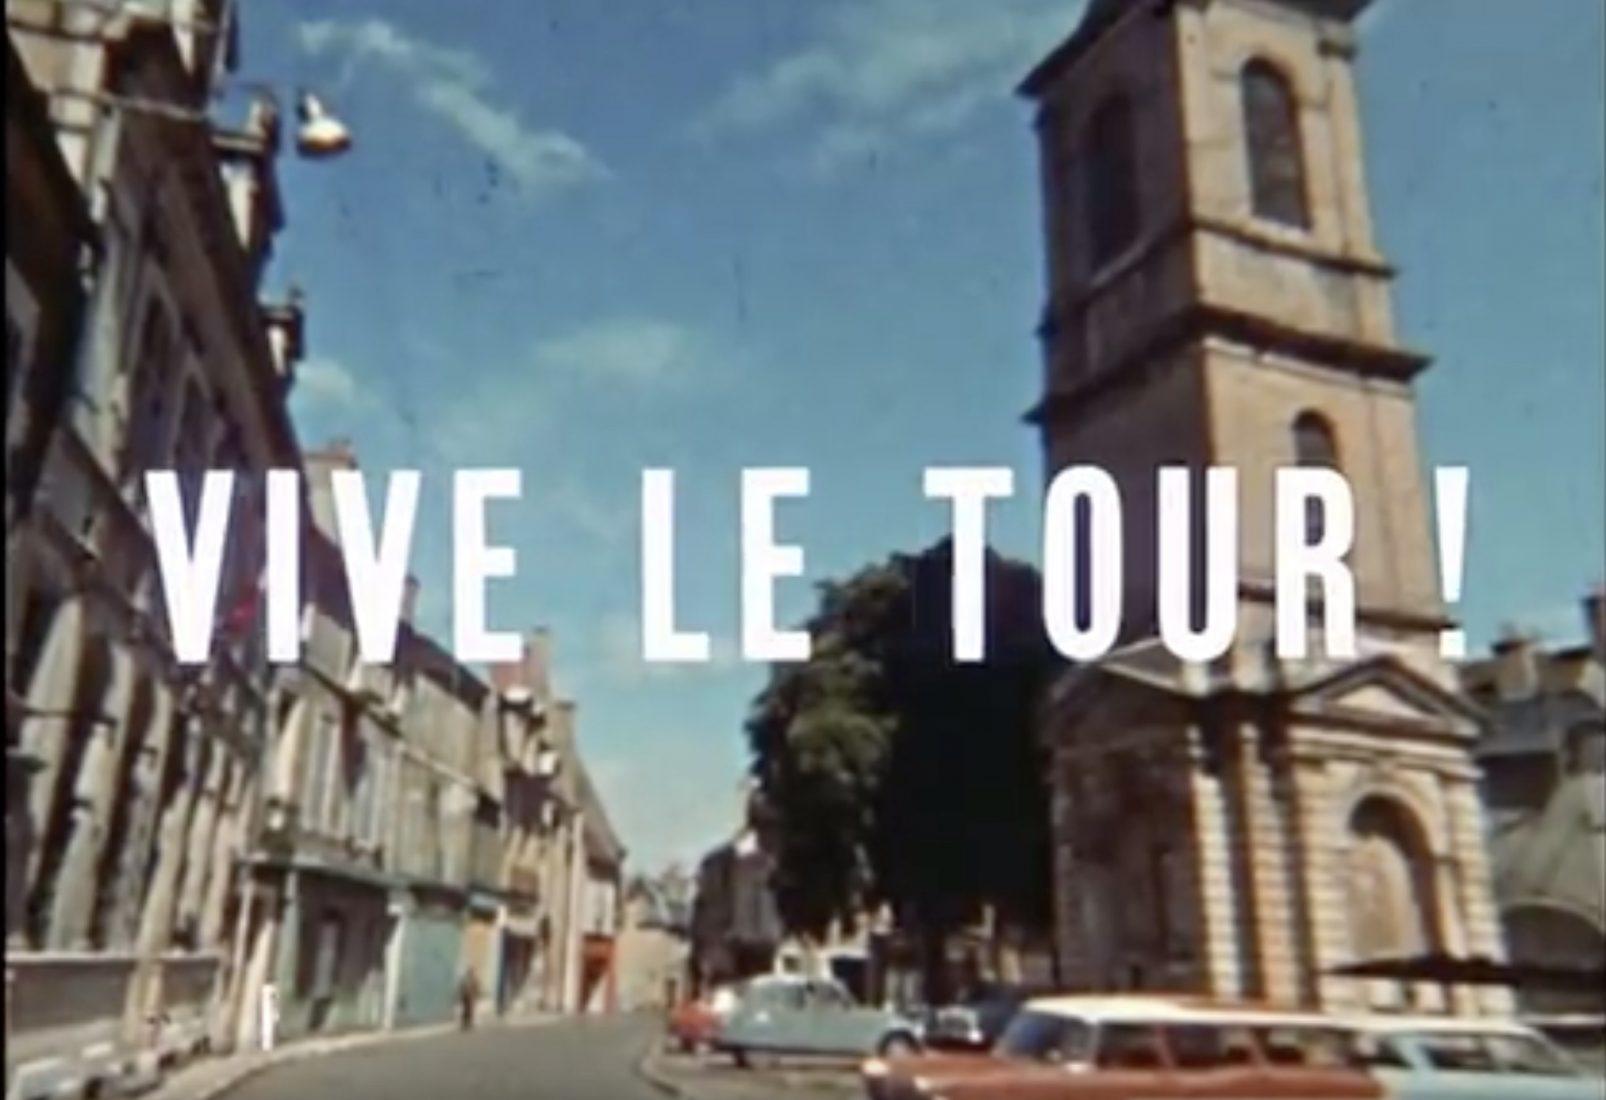 Vive le Tour! Com'era il ciclismo nel 1962